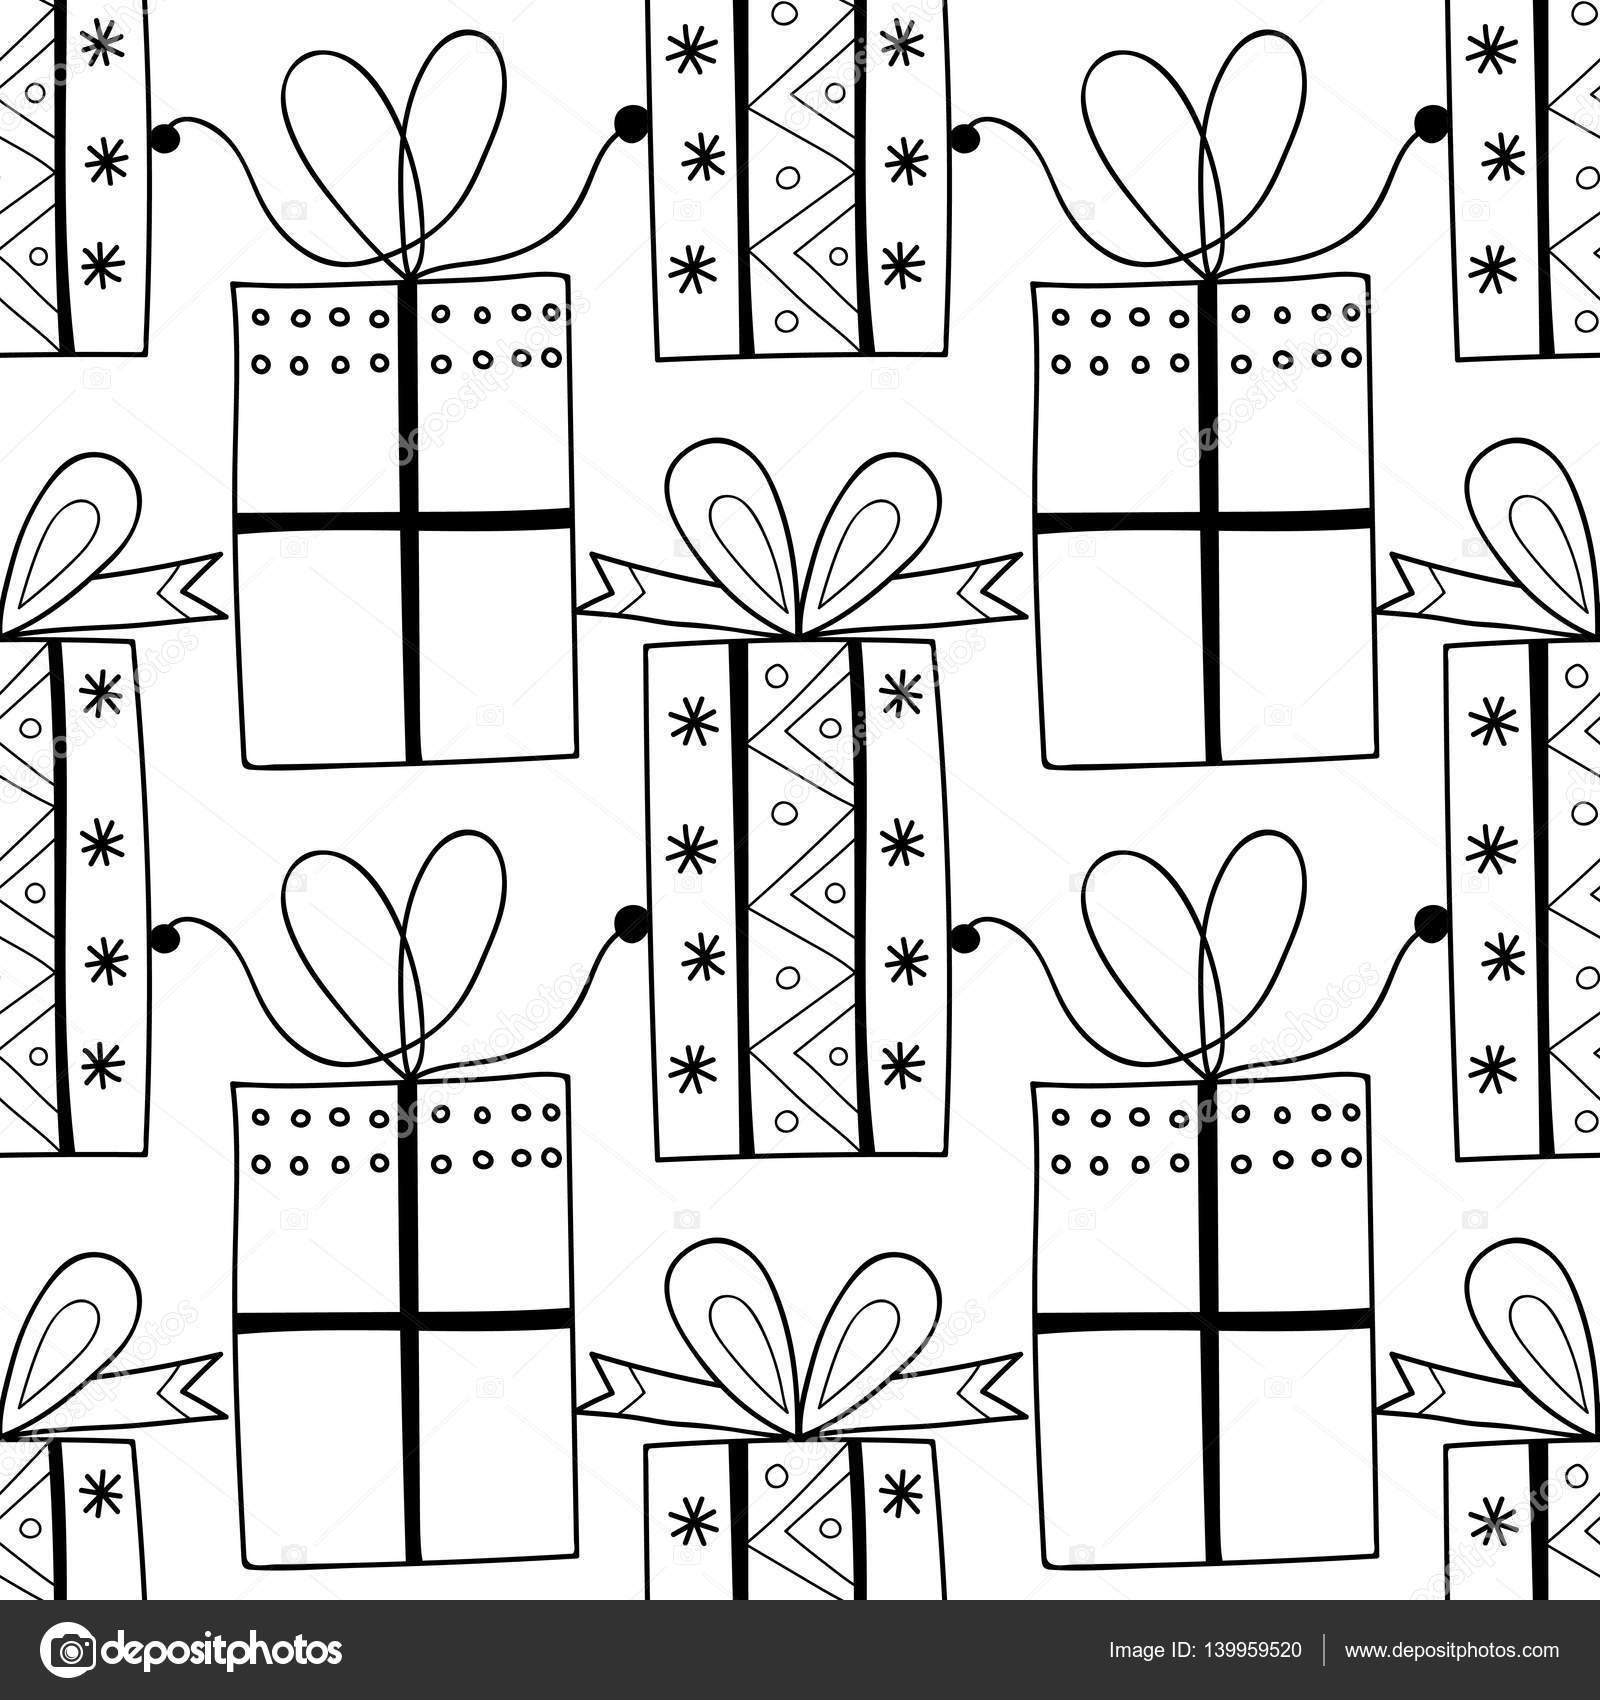 Imágenes: cajas de regalos para colorear | Blanco y negro de ...